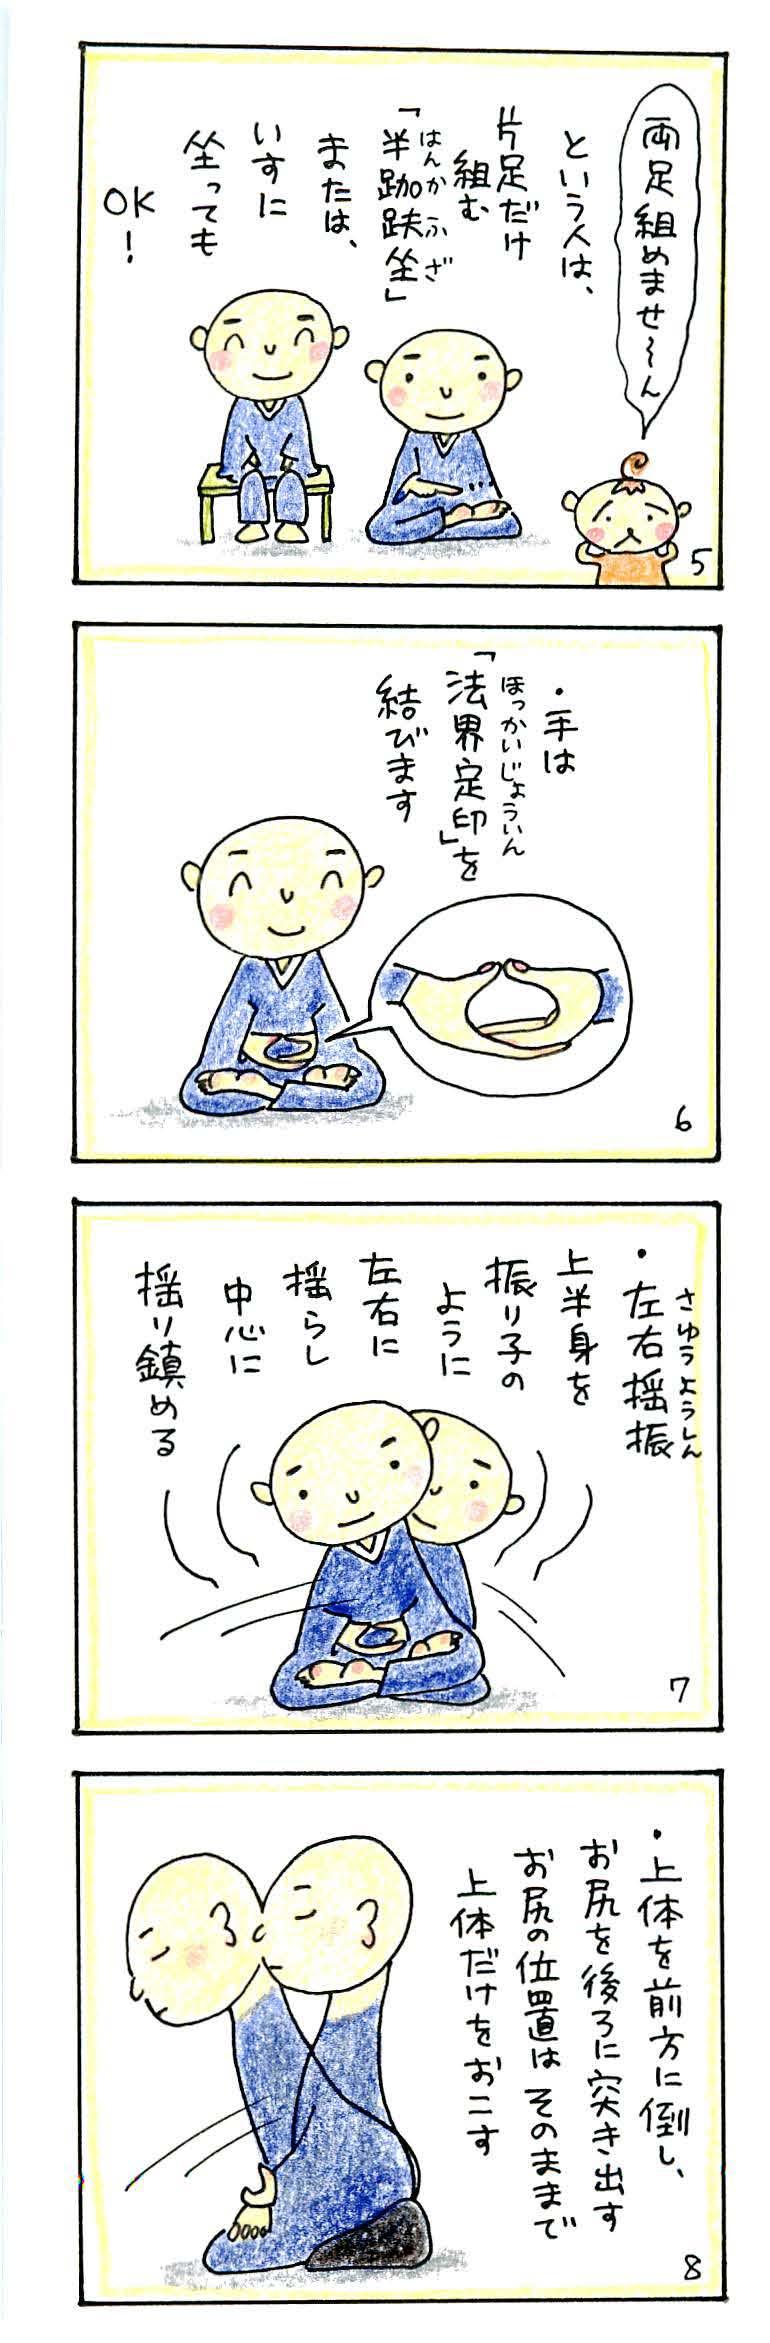 第5話 Let'座禅 「座禅の仕方」p5-p8